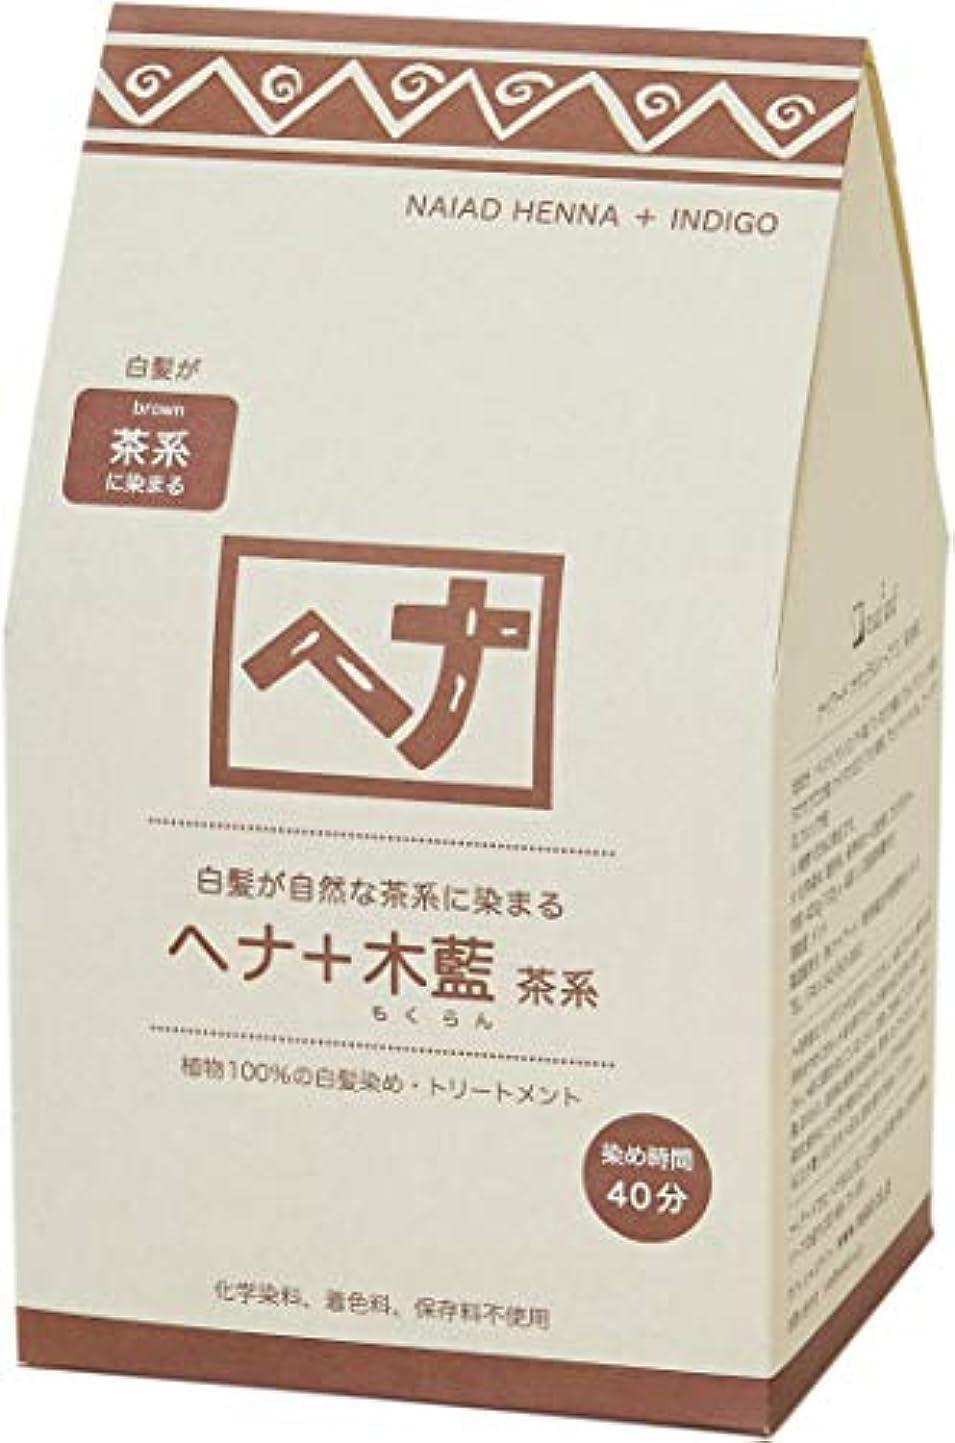 減衰ウミウシ戻るNaiad(ナイアード) ヘナ+木藍 茶系 400g